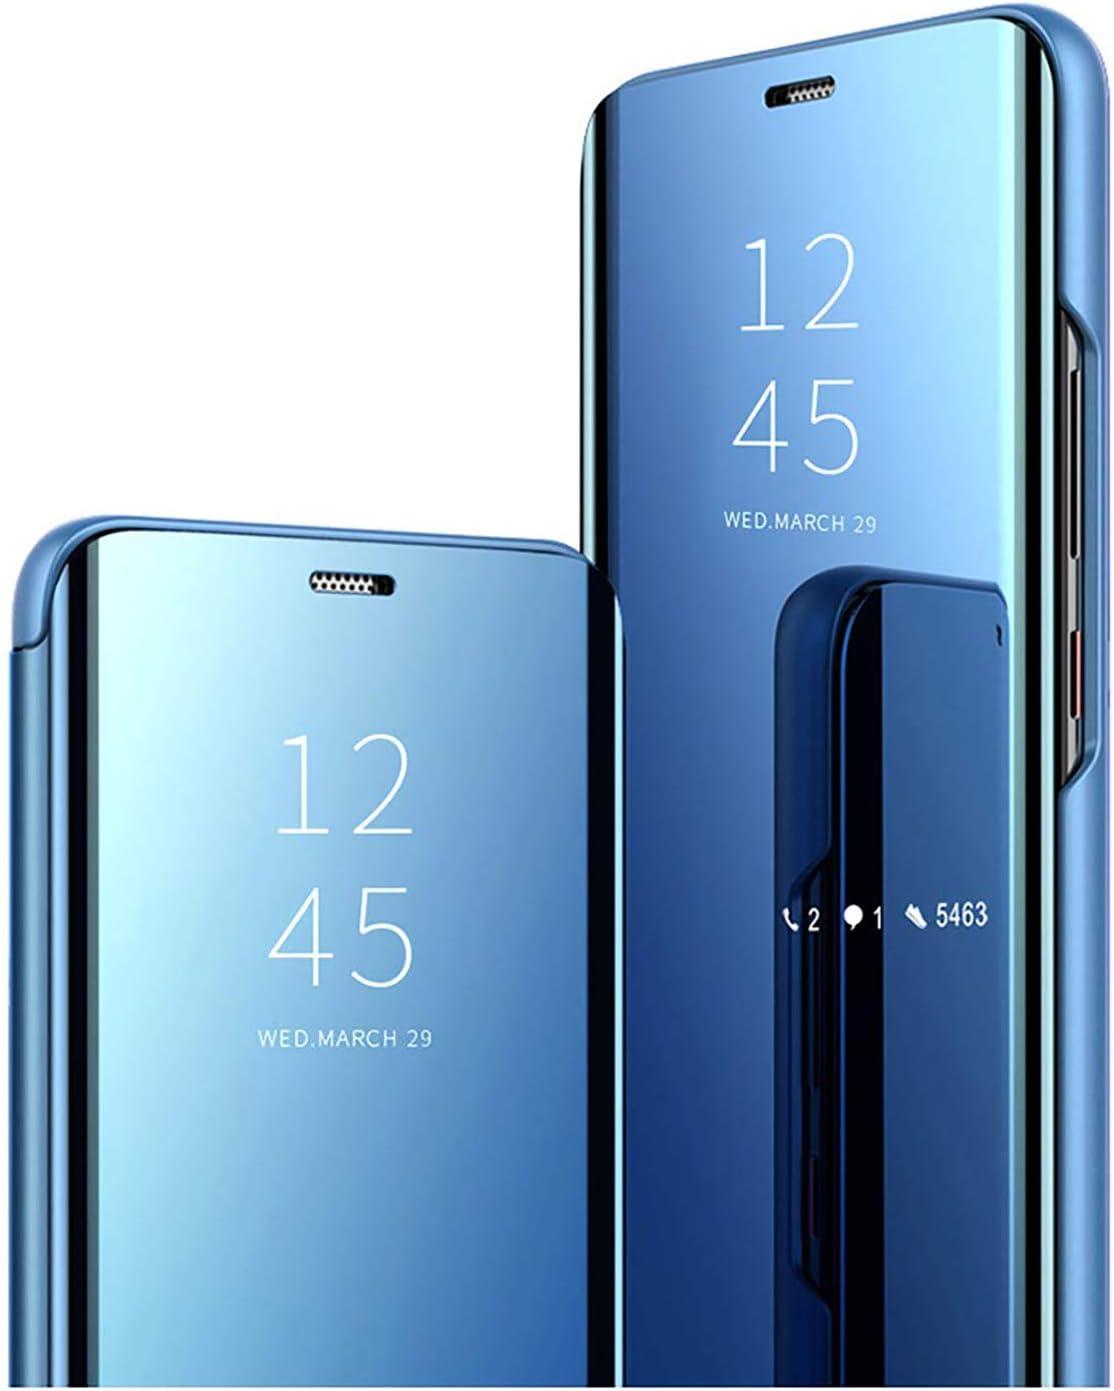 GOGME Funda para Samsung Galaxy A22 5G, Mirror Funda Inteligente, PU/PC Flip Cover Case Espejo Enchapado Window View Protectora Carcasa con Soporte Plegable. Azul